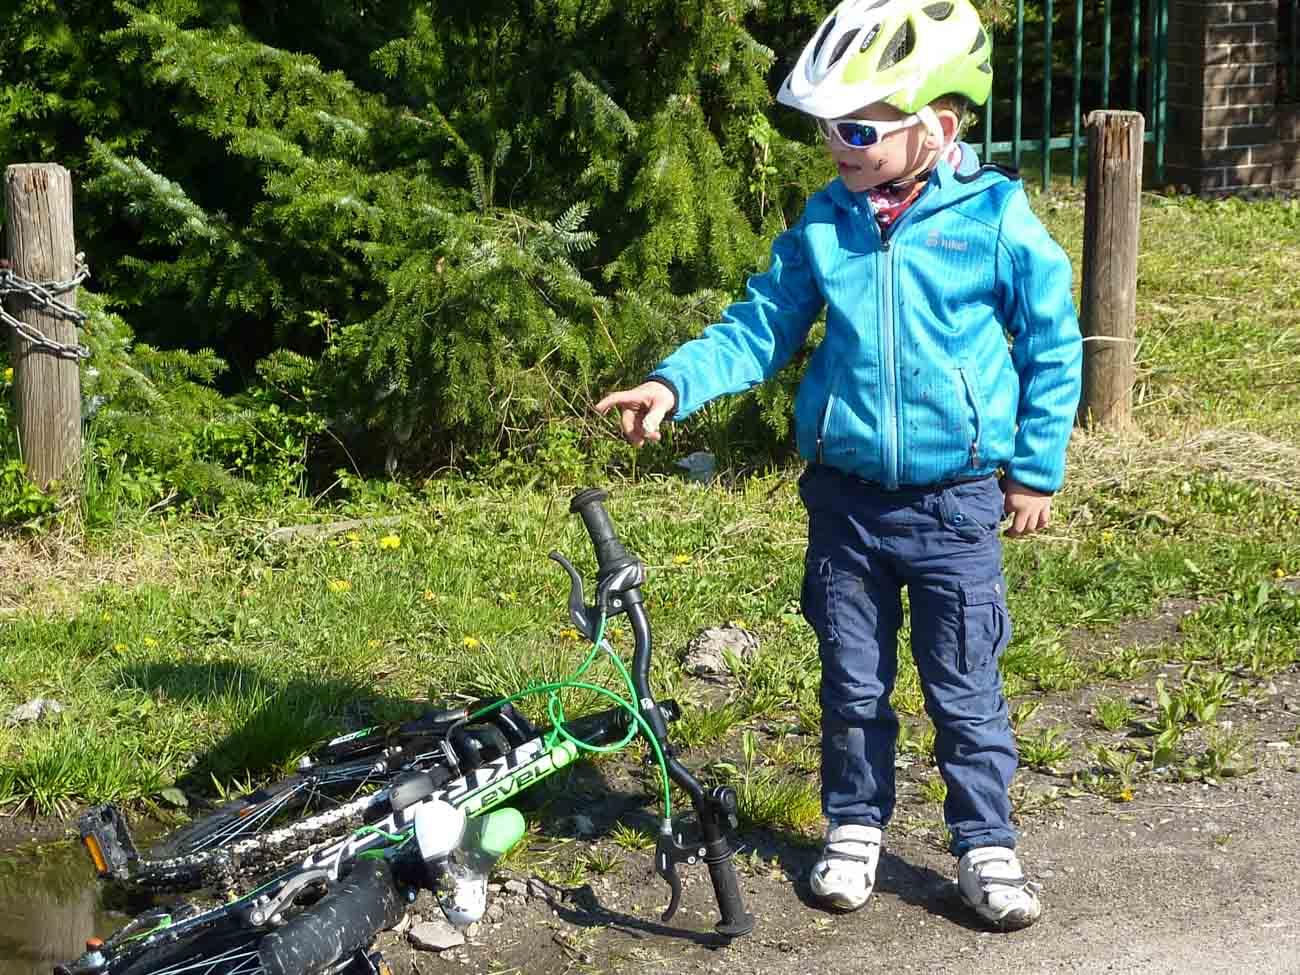 Aktywne dziecko - Iwona Wierzbicka - ajwendieta (54 of 58)